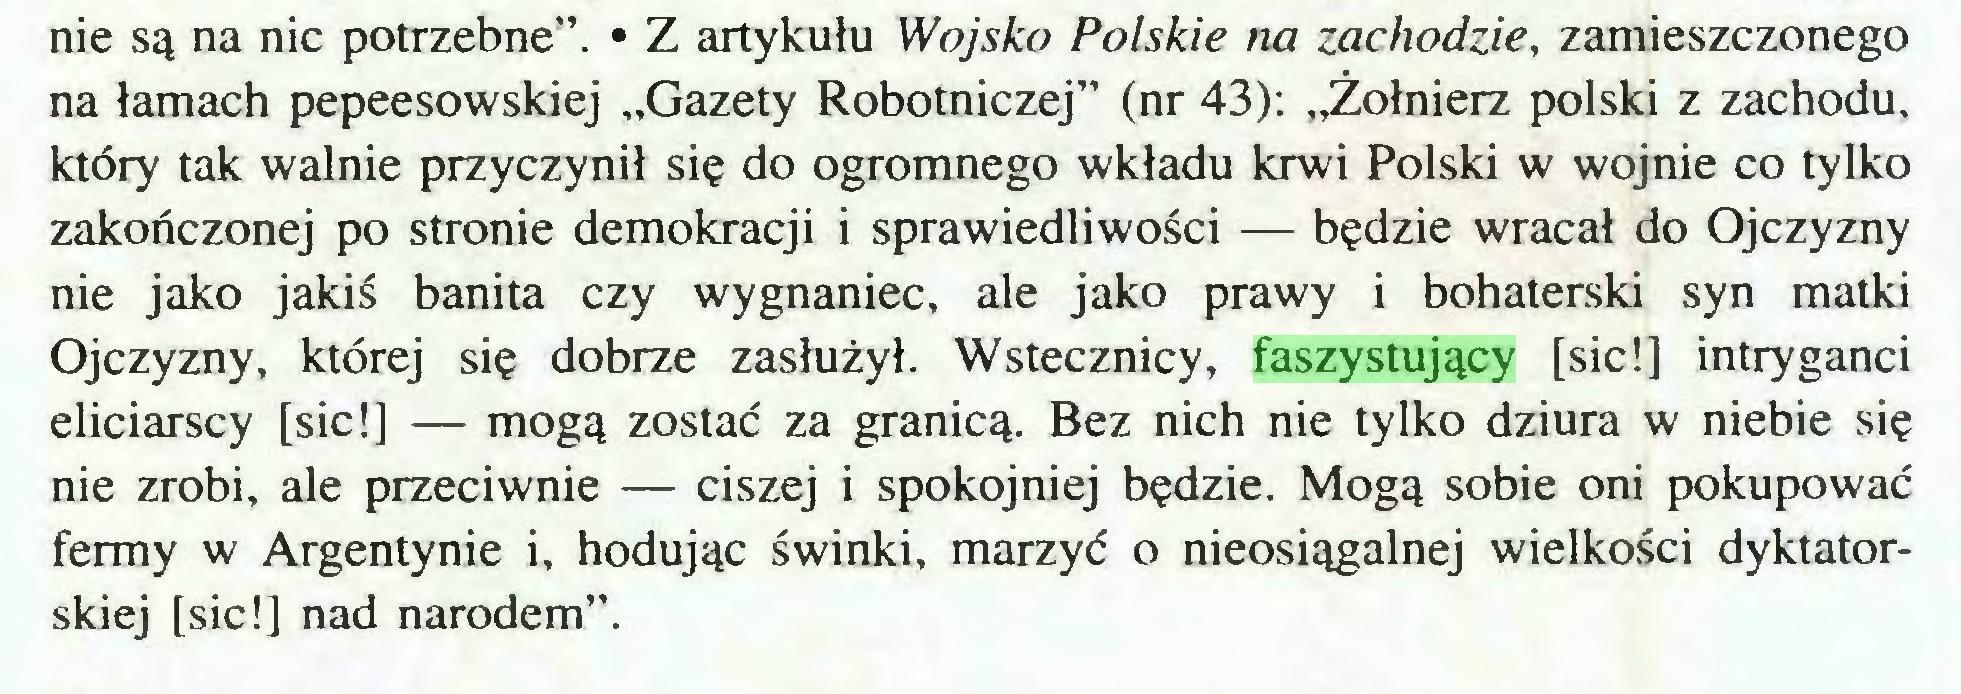 """(...) nie są na nic potrzebne"""". • Z artykułu Wojsko Polskie na zachodzie, zamieszczonego na łamach pepeesowskiej """"Gazety Robotniczej"""" (nr 43): """"Żołnierz polski z zachodu, który tak walnie przyczynił się do ogromnego wkładu krwi Polski w wojnie co tylko zakończonej po stronie demokracji i sprawiedliwości — będzie wracał do Ojczyzny nie jako jakiś banita czy wygnaniec, ale jako prawy i bohaterski syn matki Ojczyzny, której się dobrze zasłużył. Wstecznicy, faszystujący [sic!] intryganci eliciarscy [sic!] — mogą zostać za granicą. Bez nich nie tylko dziura w niebie się nie zrobi, ale przeciwnie — ciszej i spokojniej będzie. Mogą sobie oni pokupować fermy w Argentynie i, hodując świnki, marzyć o nieosiągalnej wielkości dyktatorskiej [sic!] nad narodem""""..."""